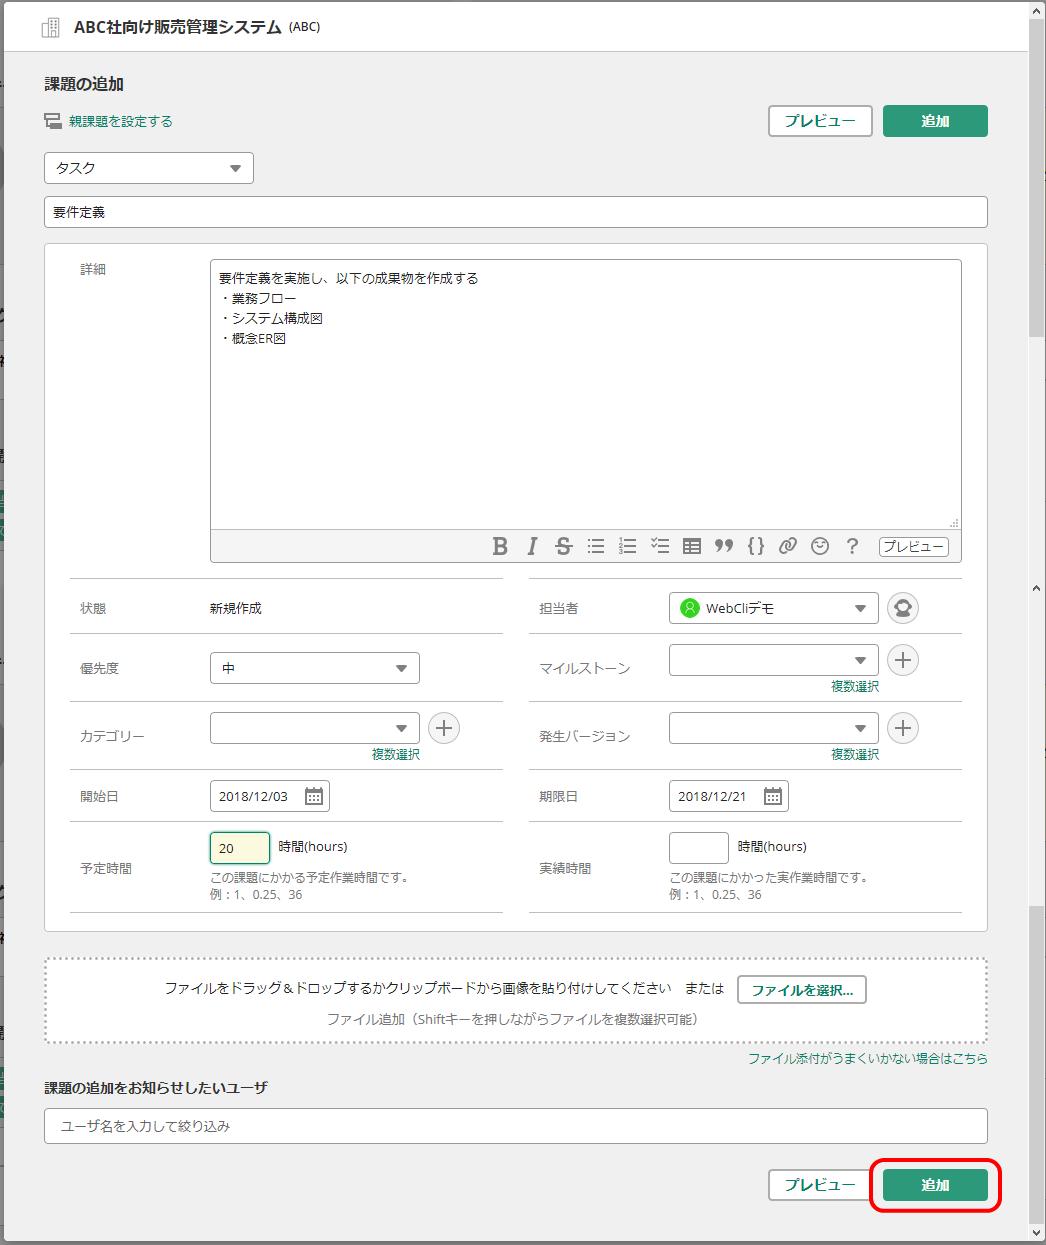 Backlogの課題の登録画面